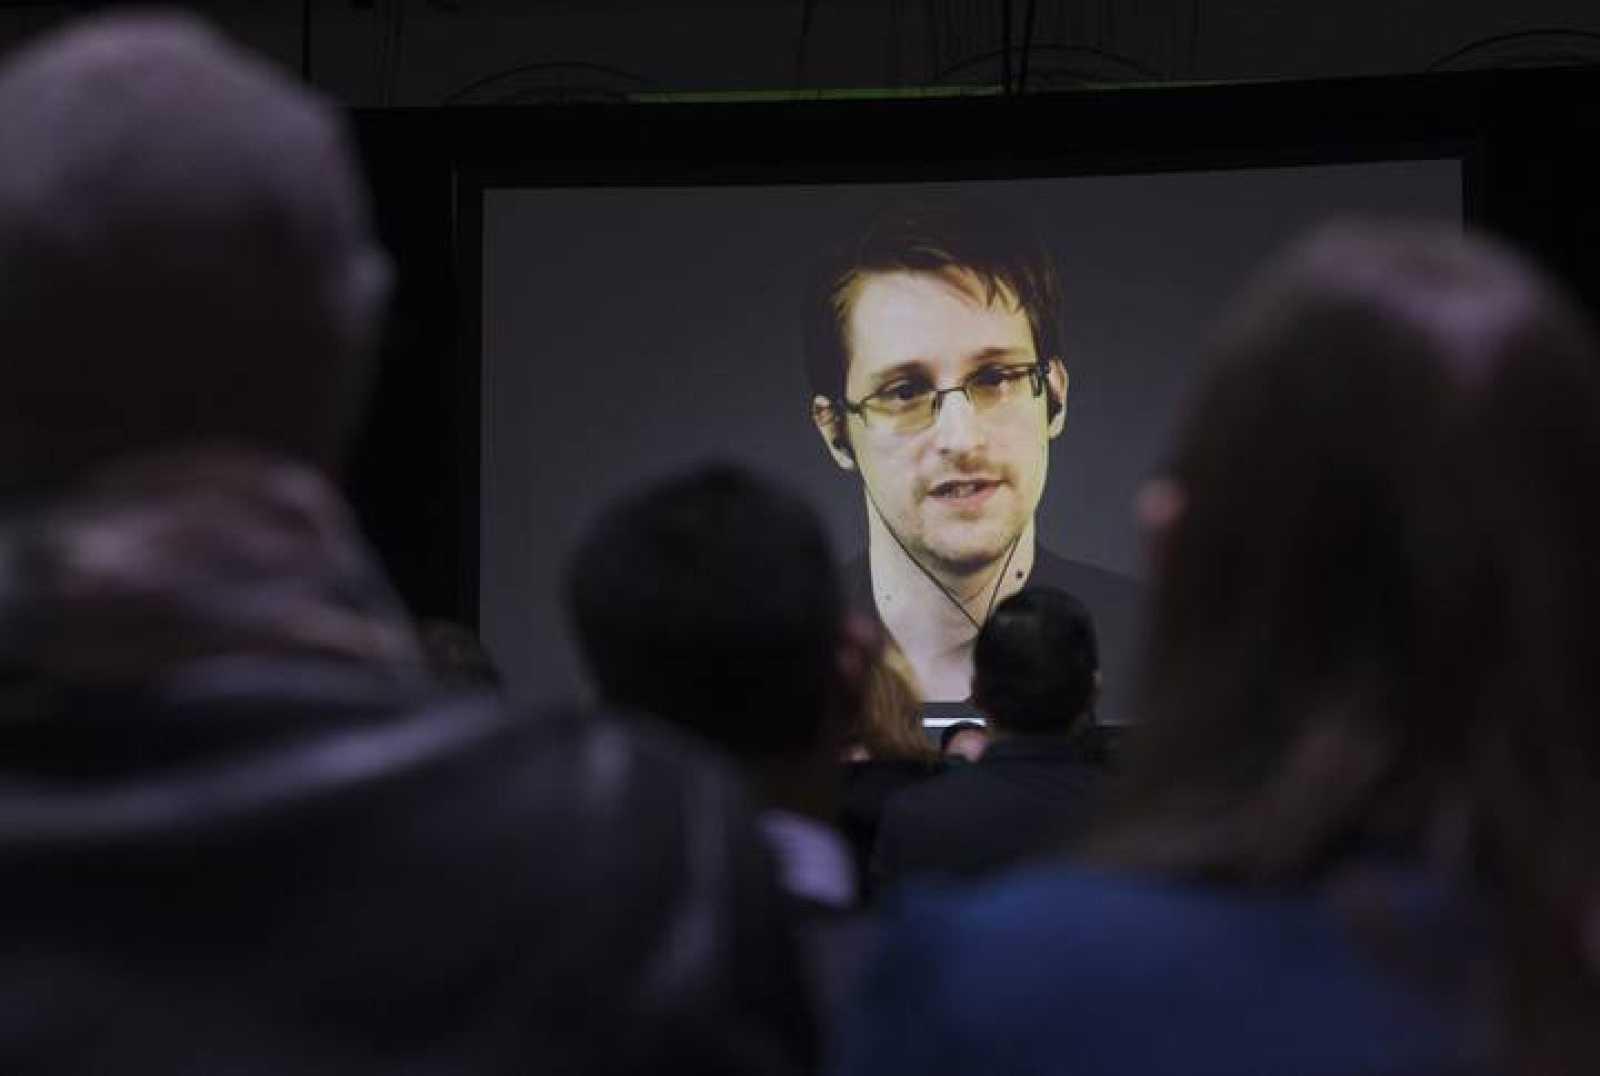 Edward Snowden residen en Rusia desde 2013, tras filtrar el espionaje masivo de EE.UU. a sus ciudadanos.